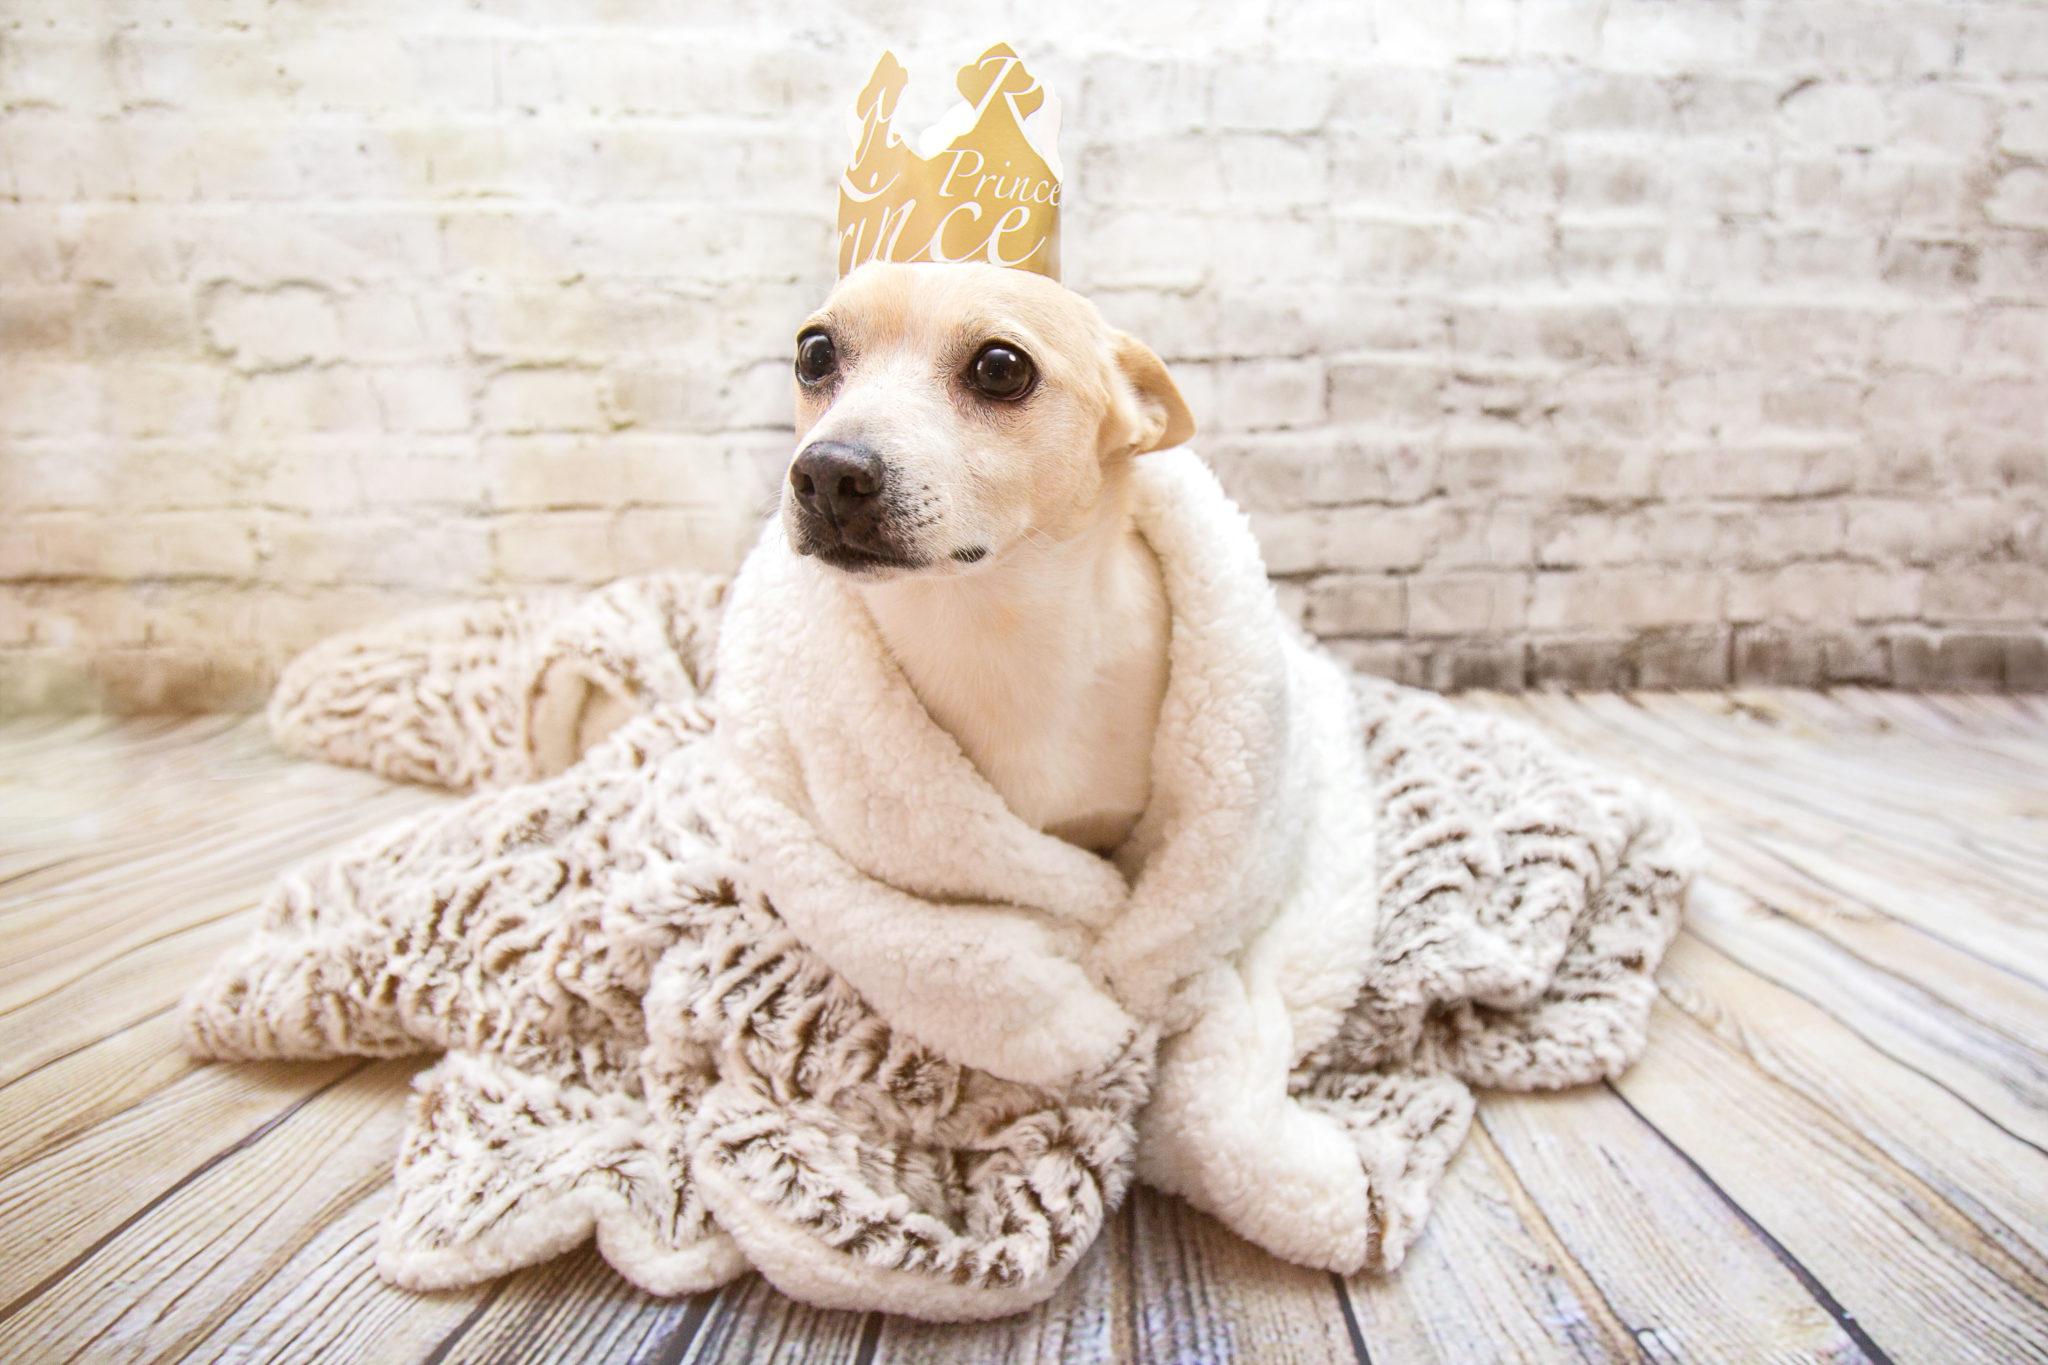 Photographe animal de compagnie, chien, déguisement